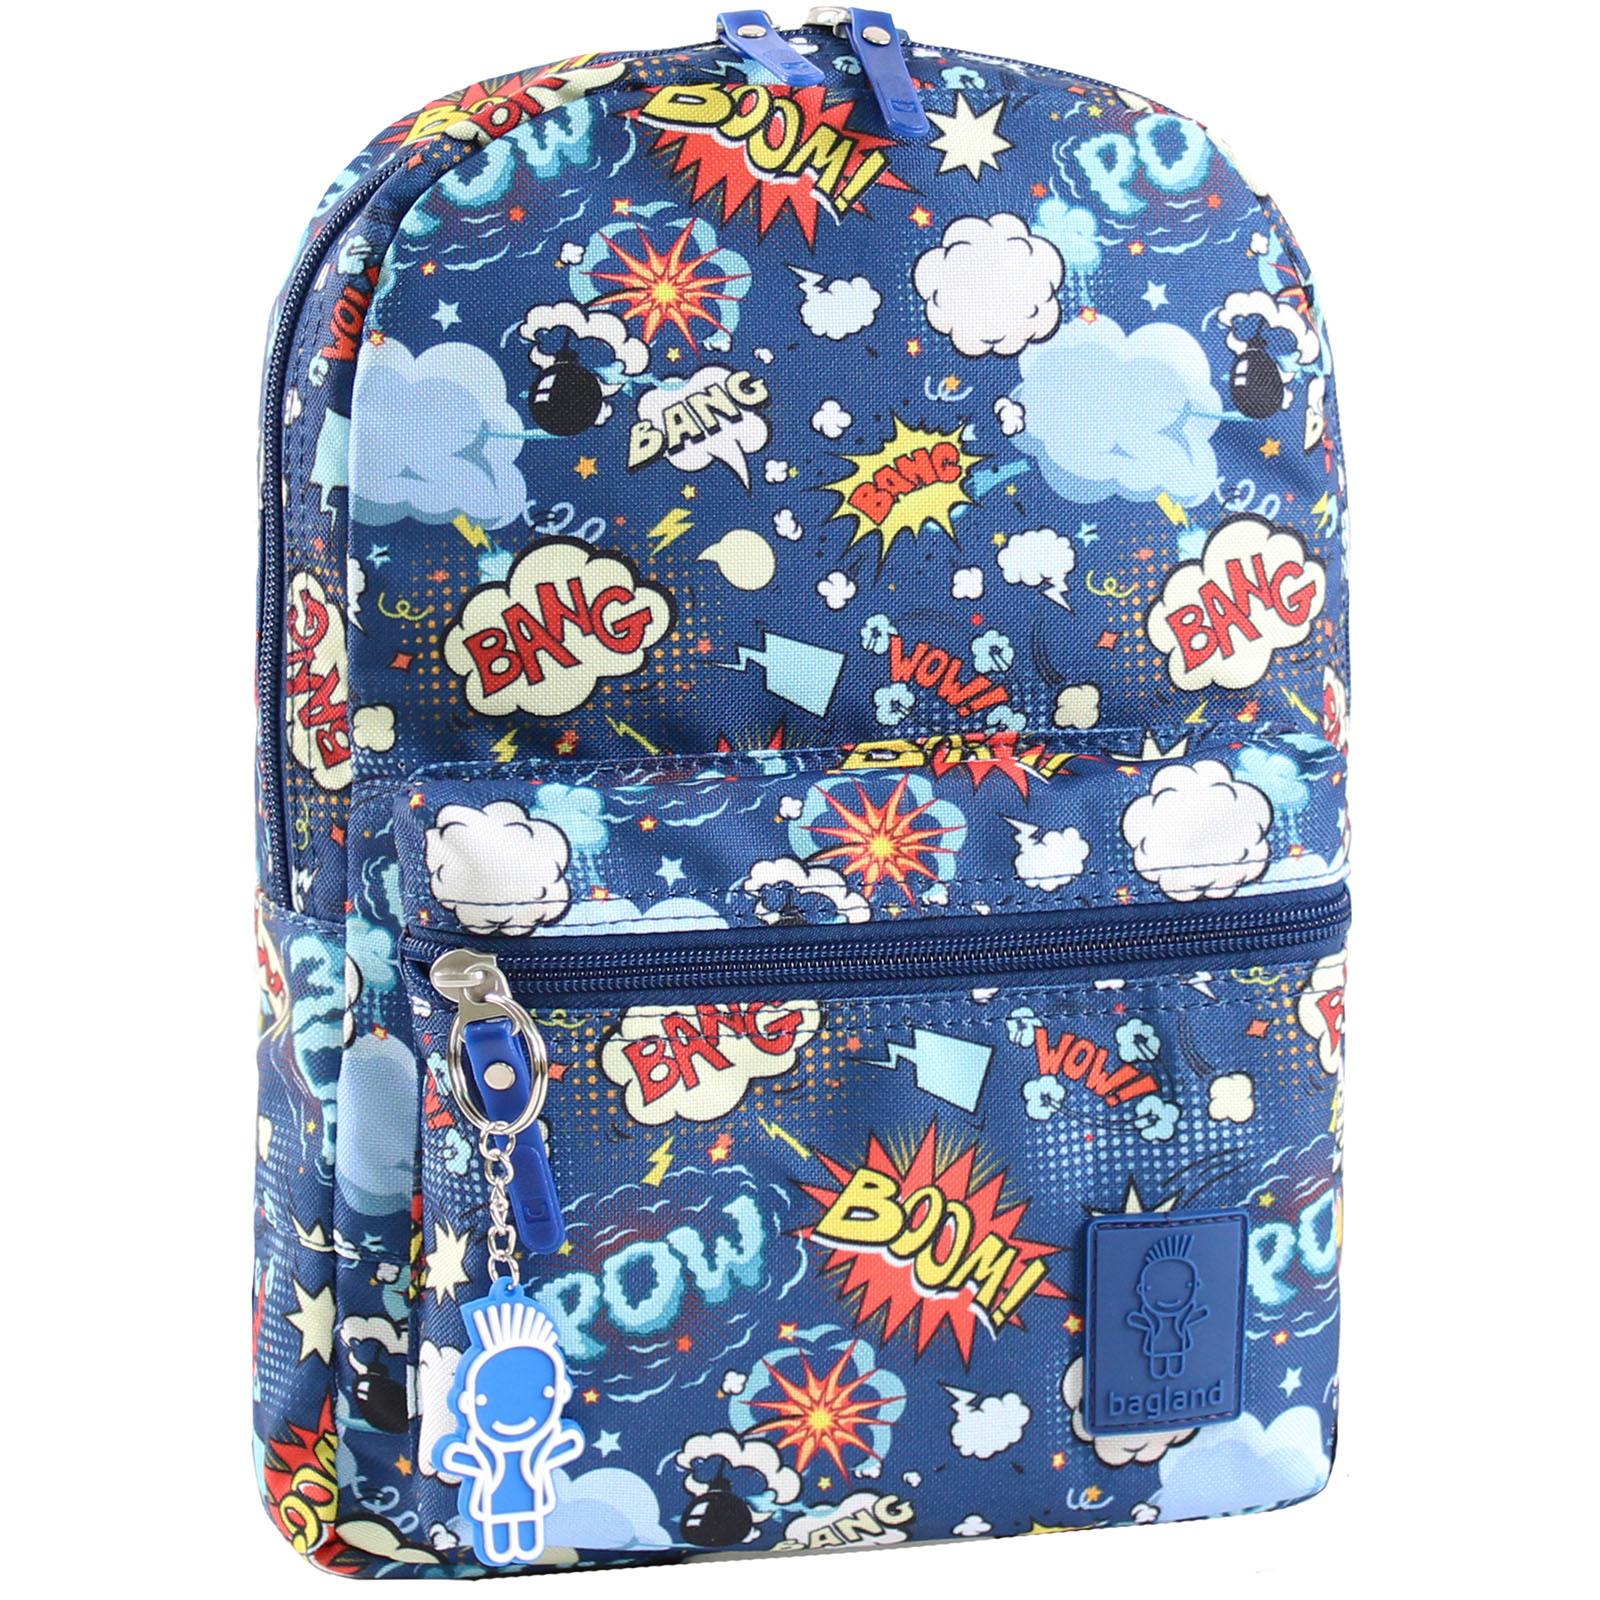 Детские рюкзаки Рюкзак Bagland Молодежный mini 8 л. сублимация 341 (00508664) IMG_9406.JPG